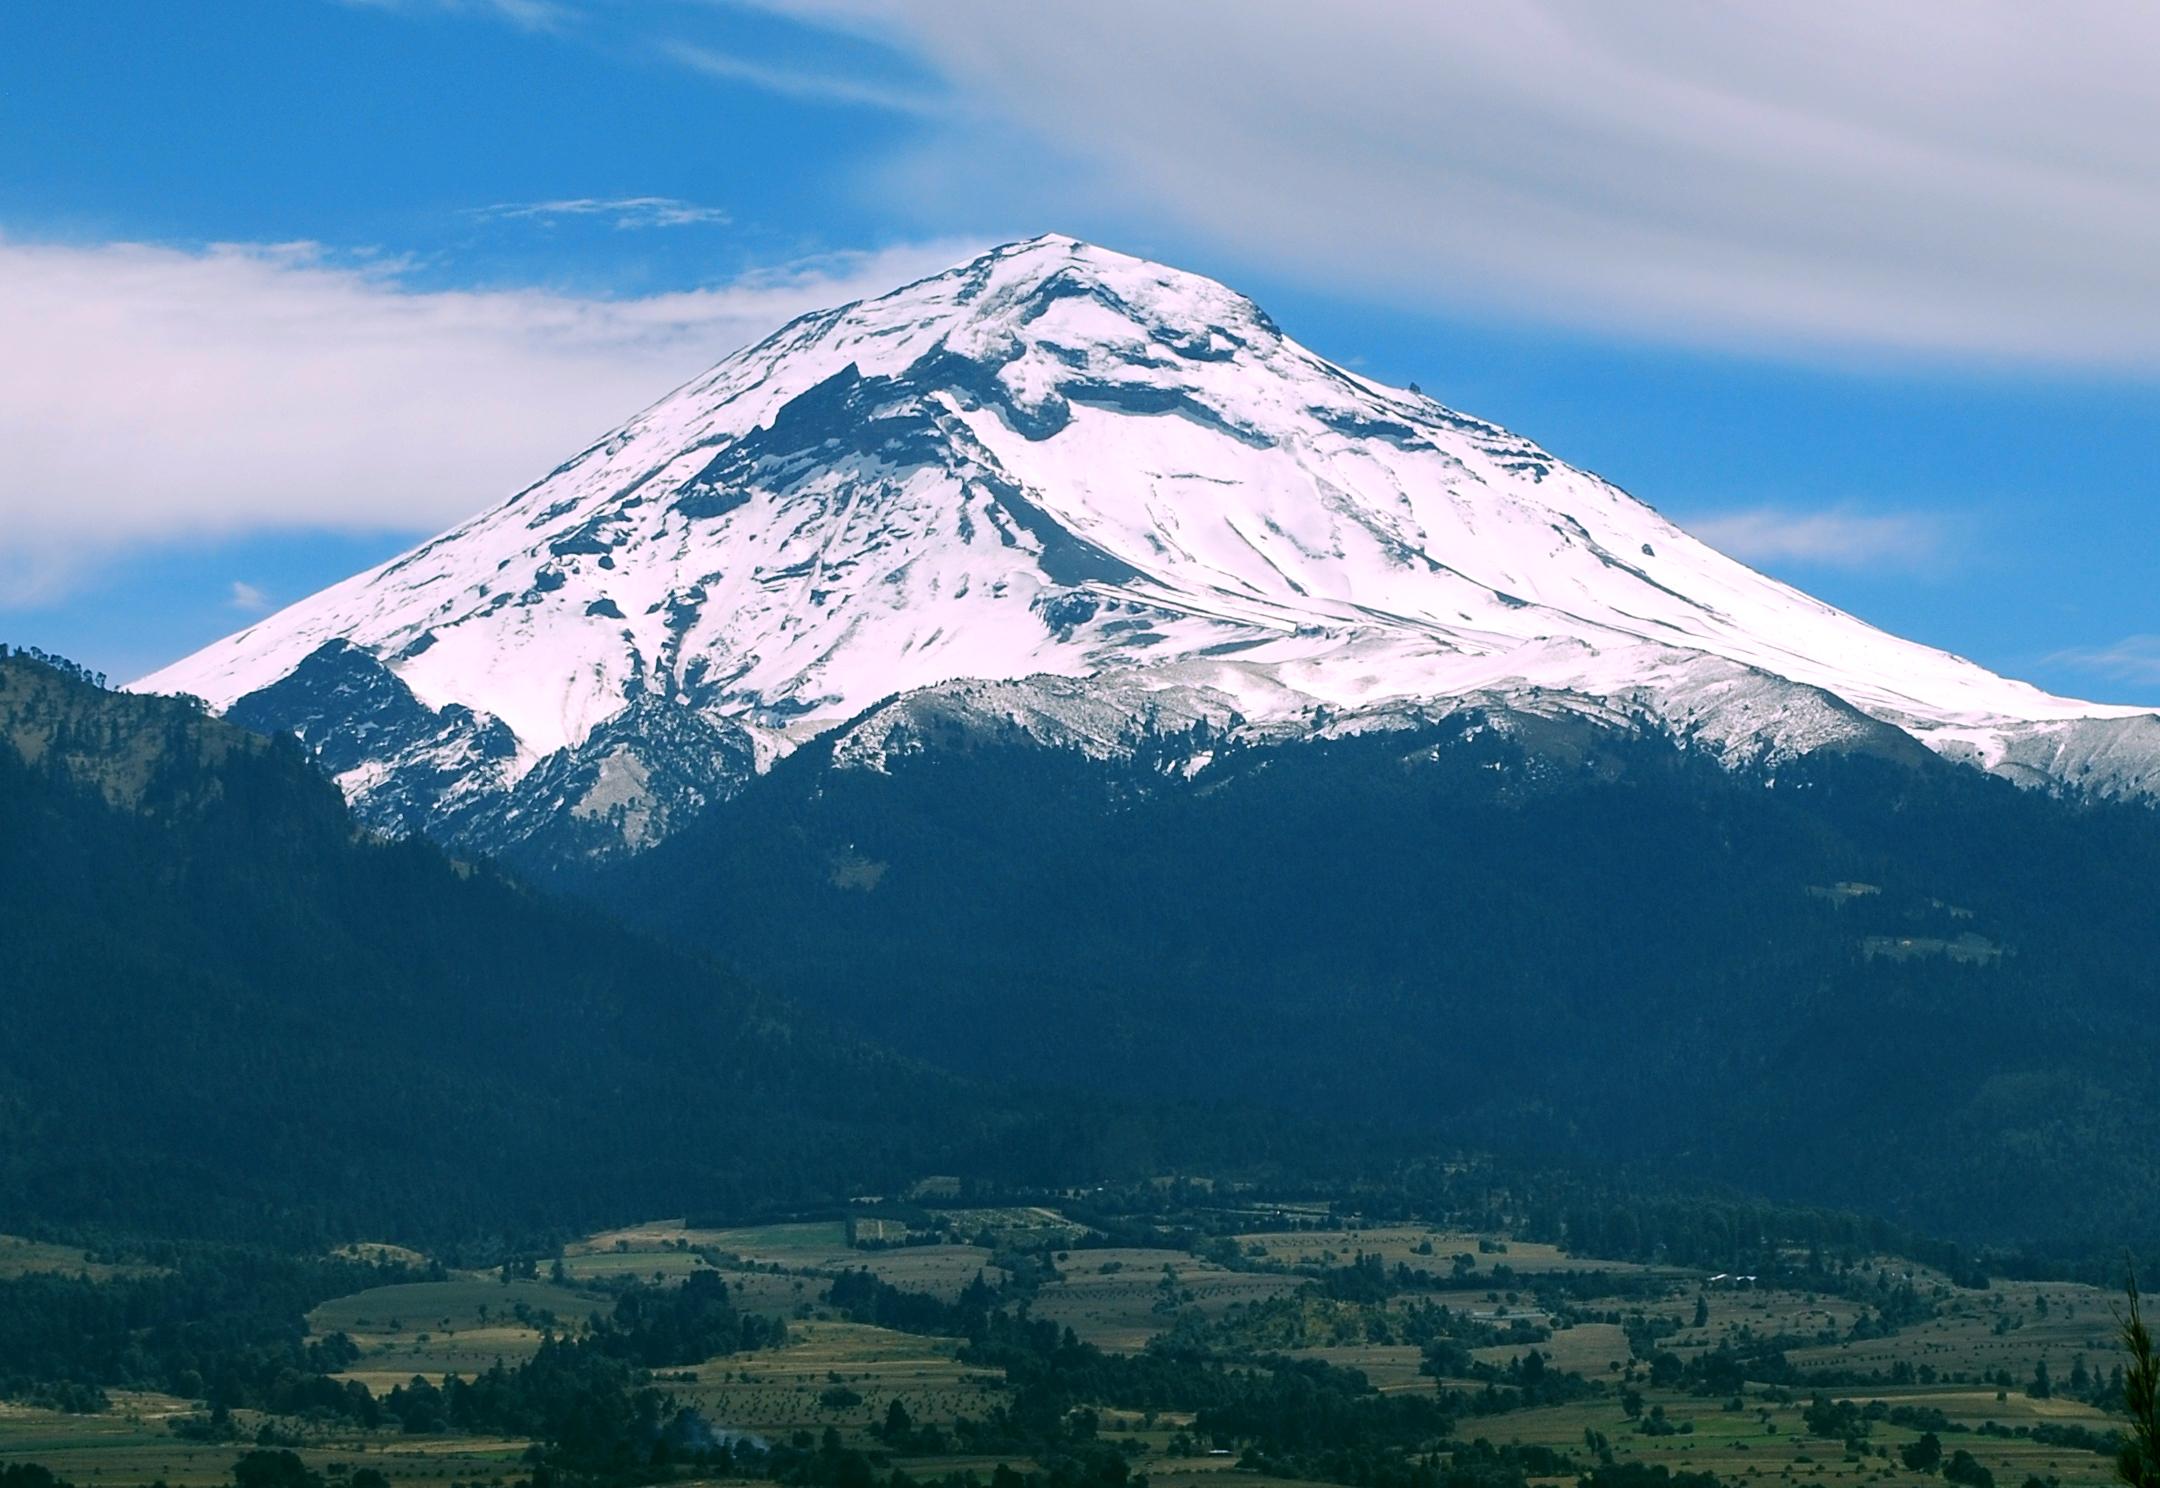 ¿Qué pasaría si el volcán Popocátepel hiciera erupción?